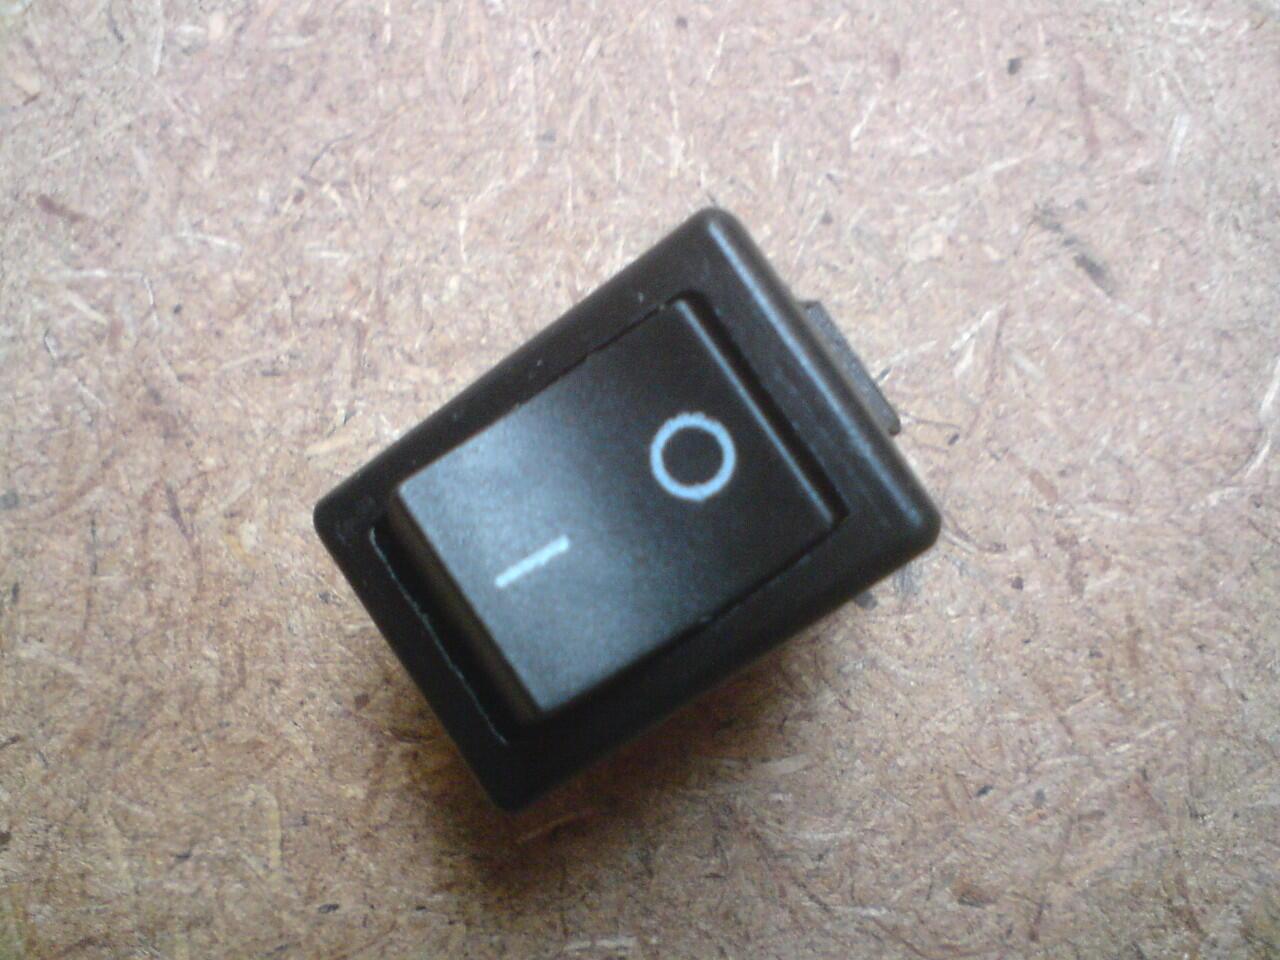 [SHARE] Cara membuat speaker portable sendiri